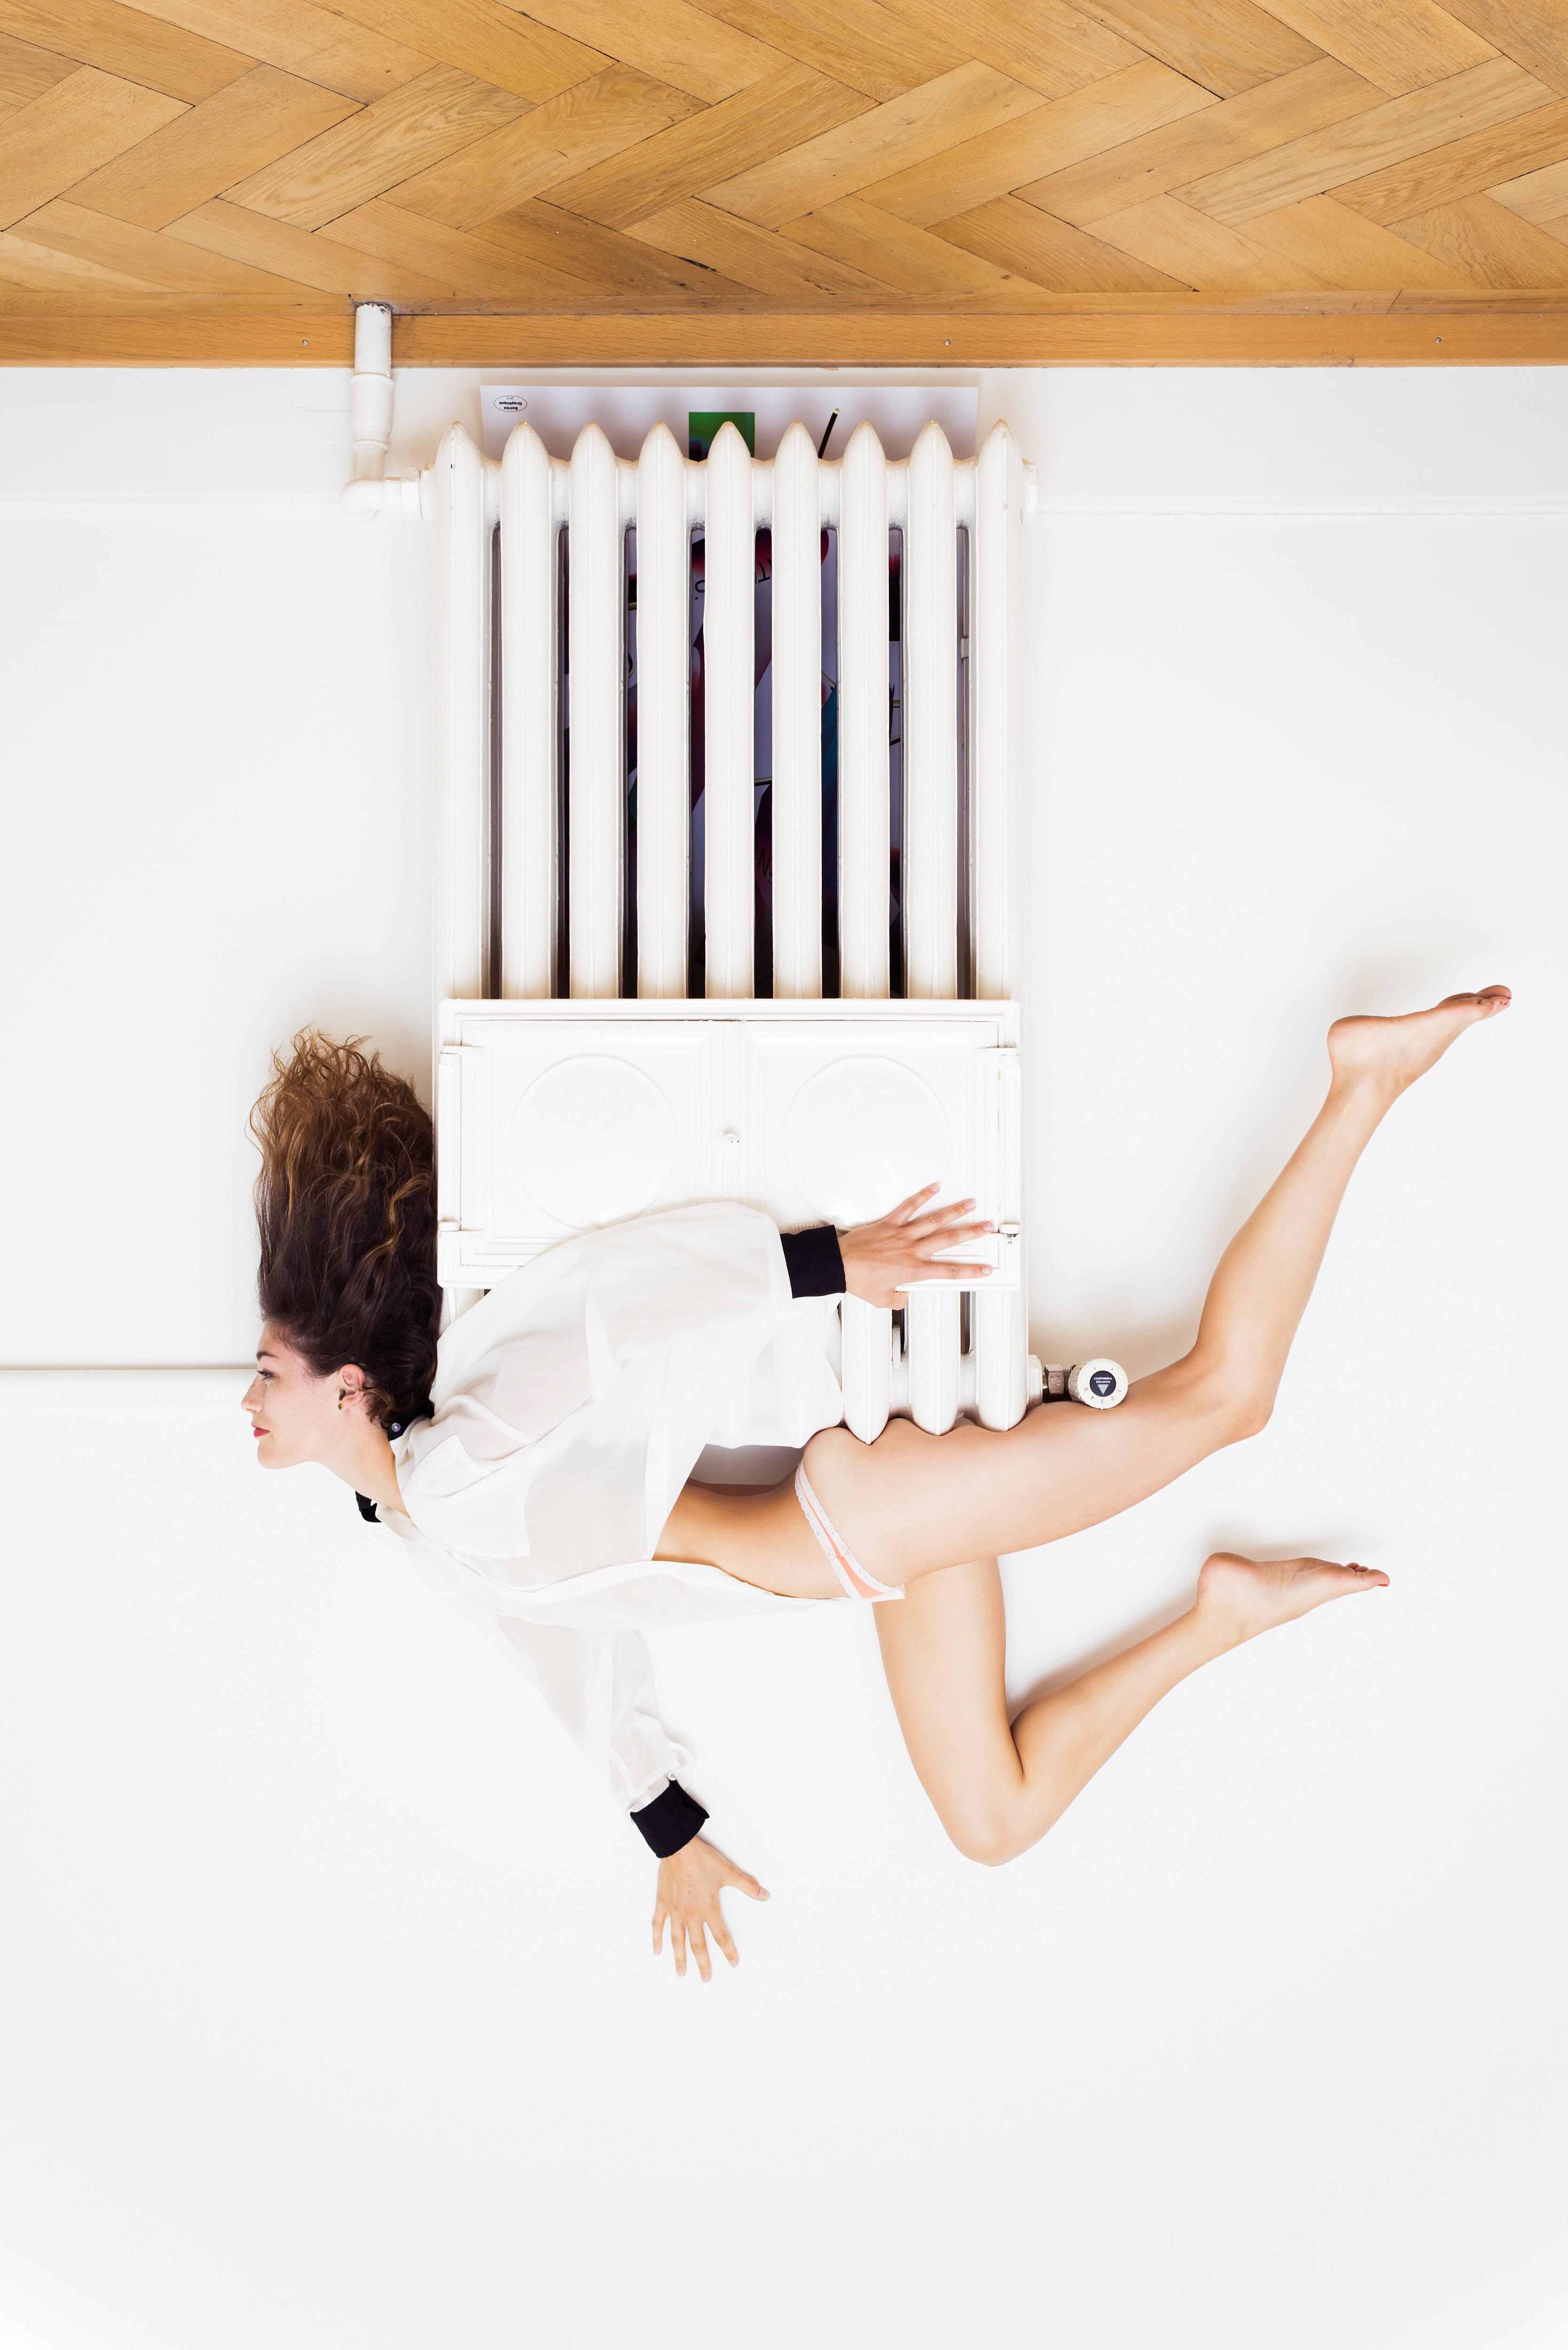 Melanie Brandel, Grafikdesign, Bern, Solothurn, Bildkonzept, soireegraphique